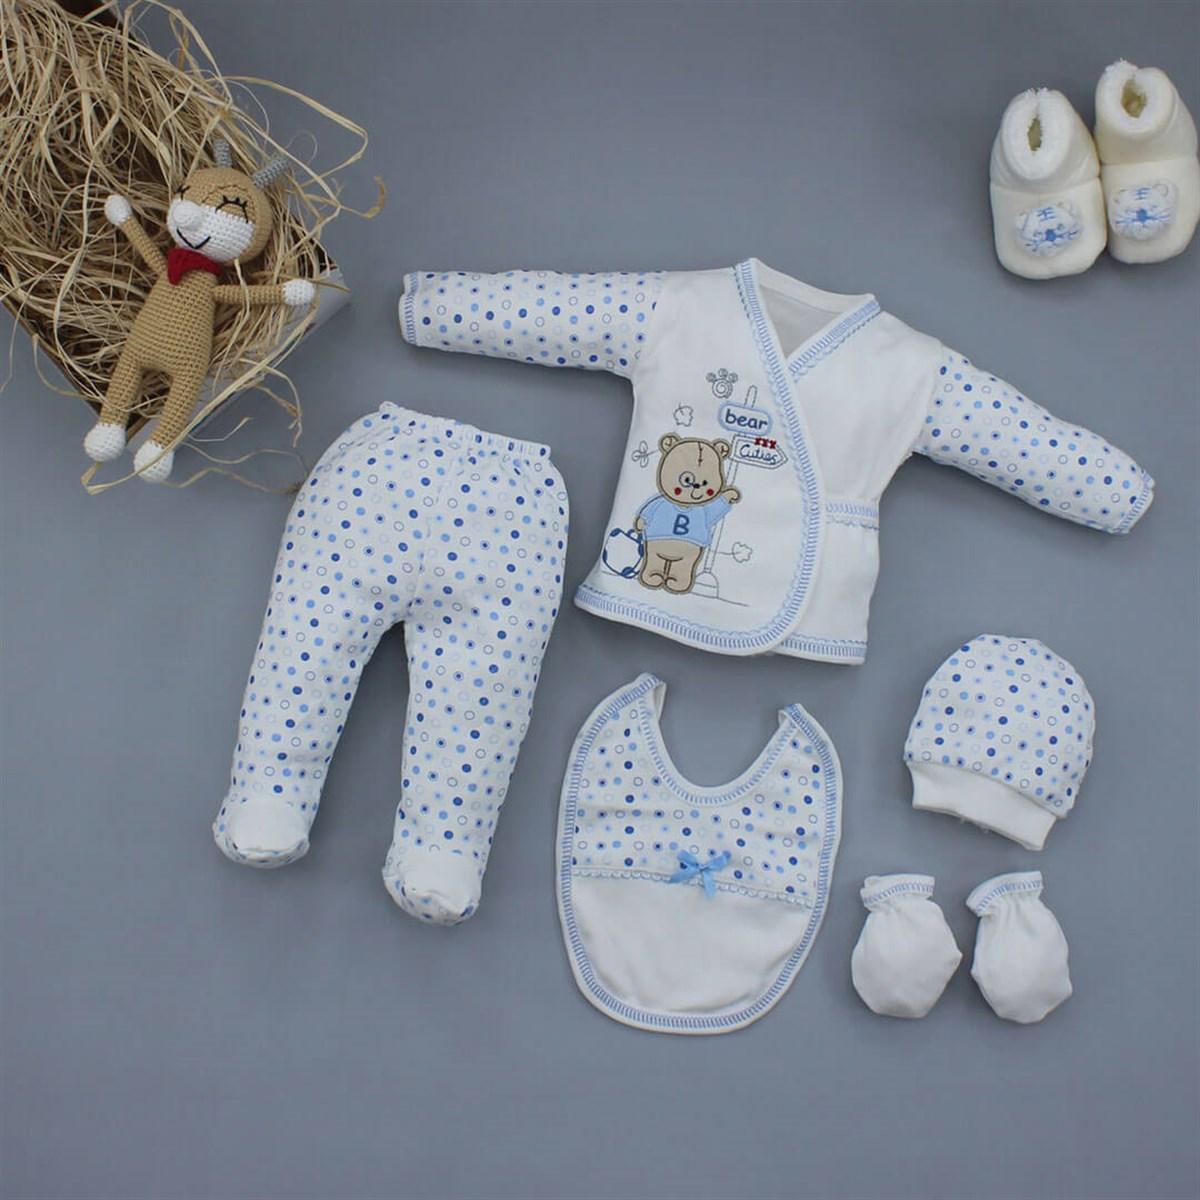 طقم ملابس بطبعة رضع حديثي الولادة- 5 قطع